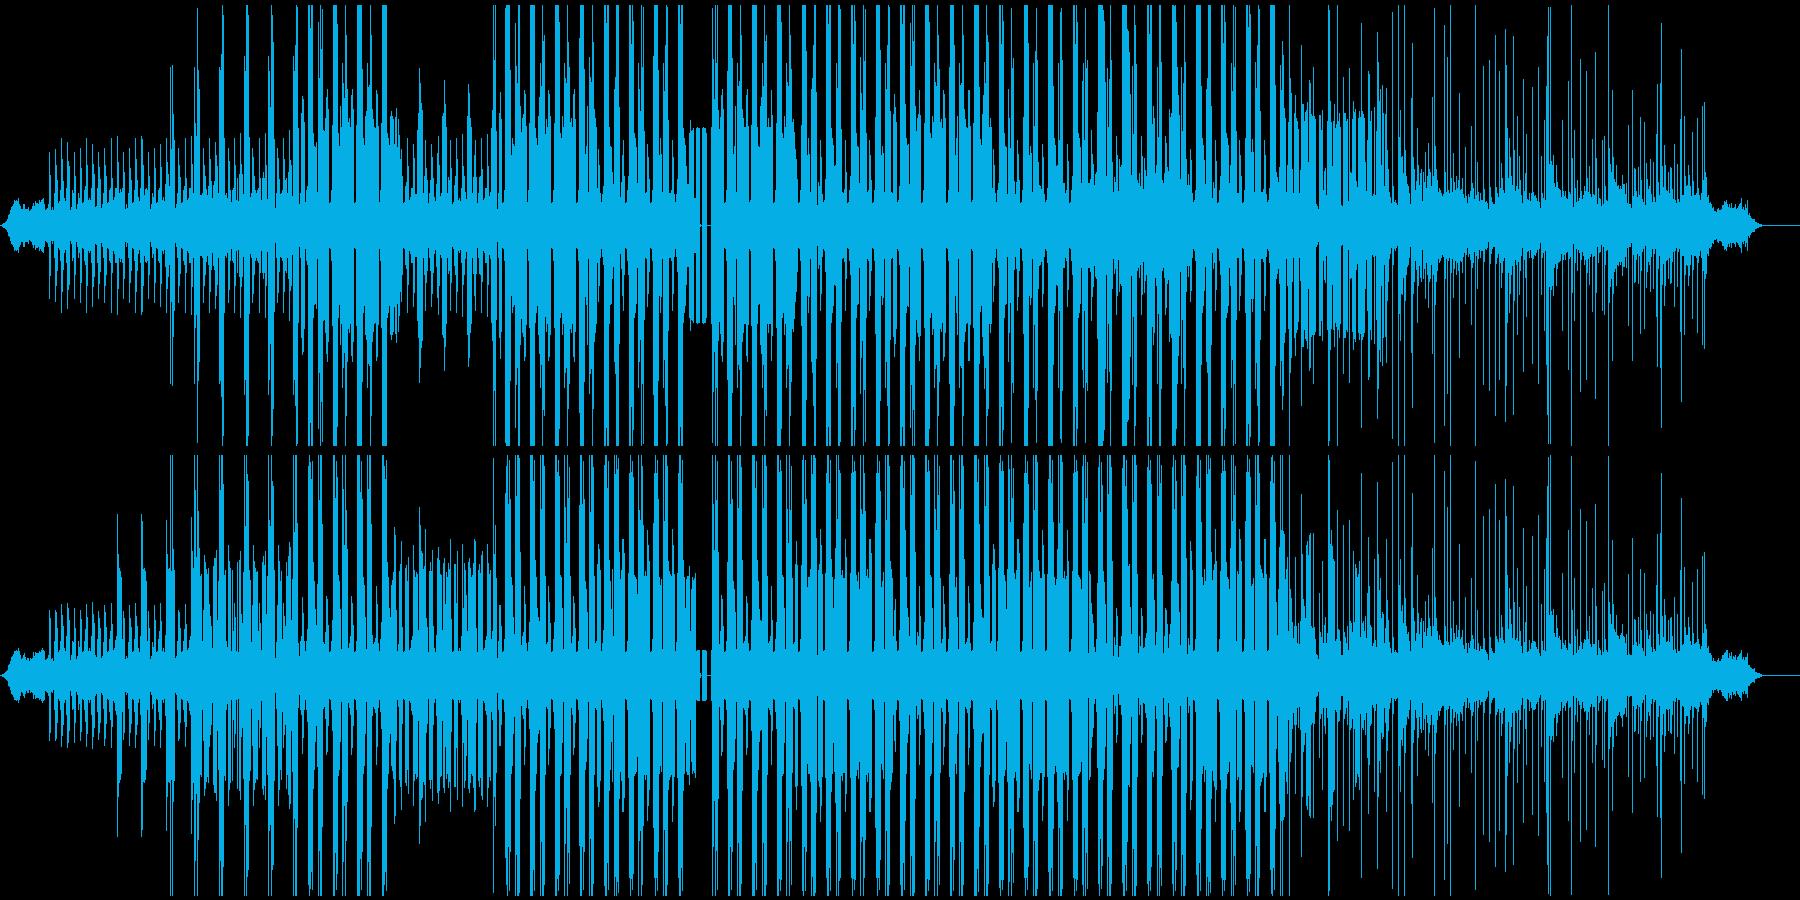 カリンバ音を使用した不思議なイメージの再生済みの波形